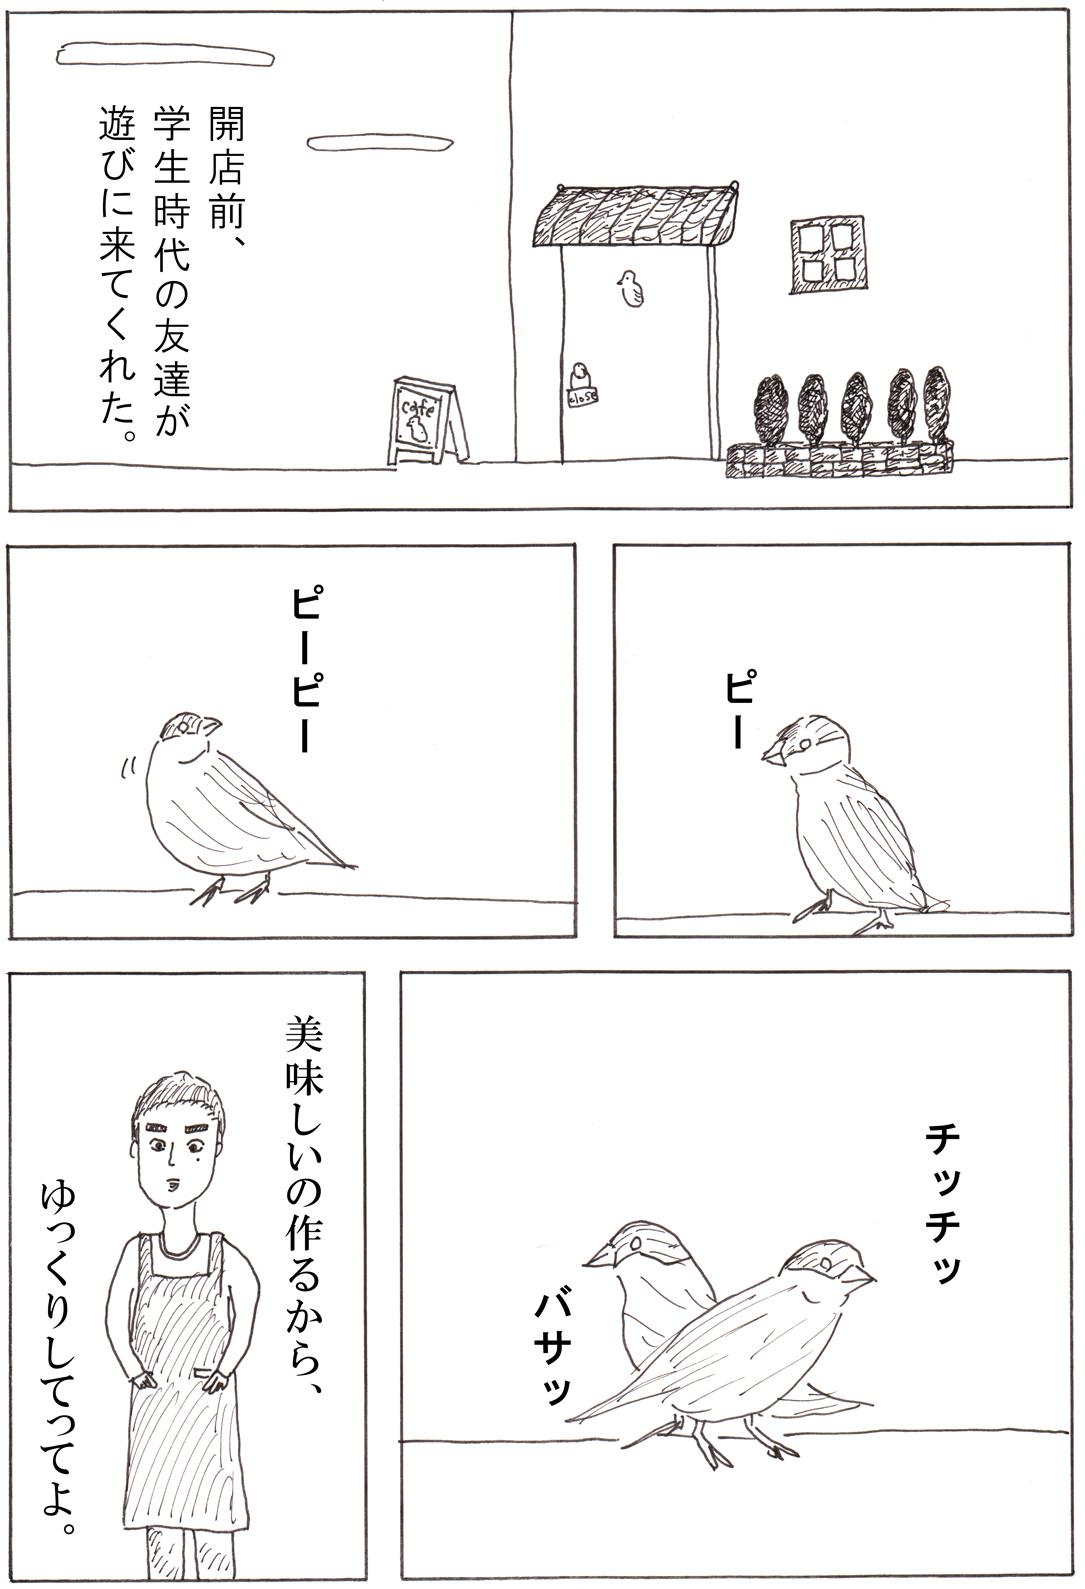 手乗り文鳥が青年に生まれ変わって西荻窪でカフェを始めた話の漫画 第2回「学生時代の友達」